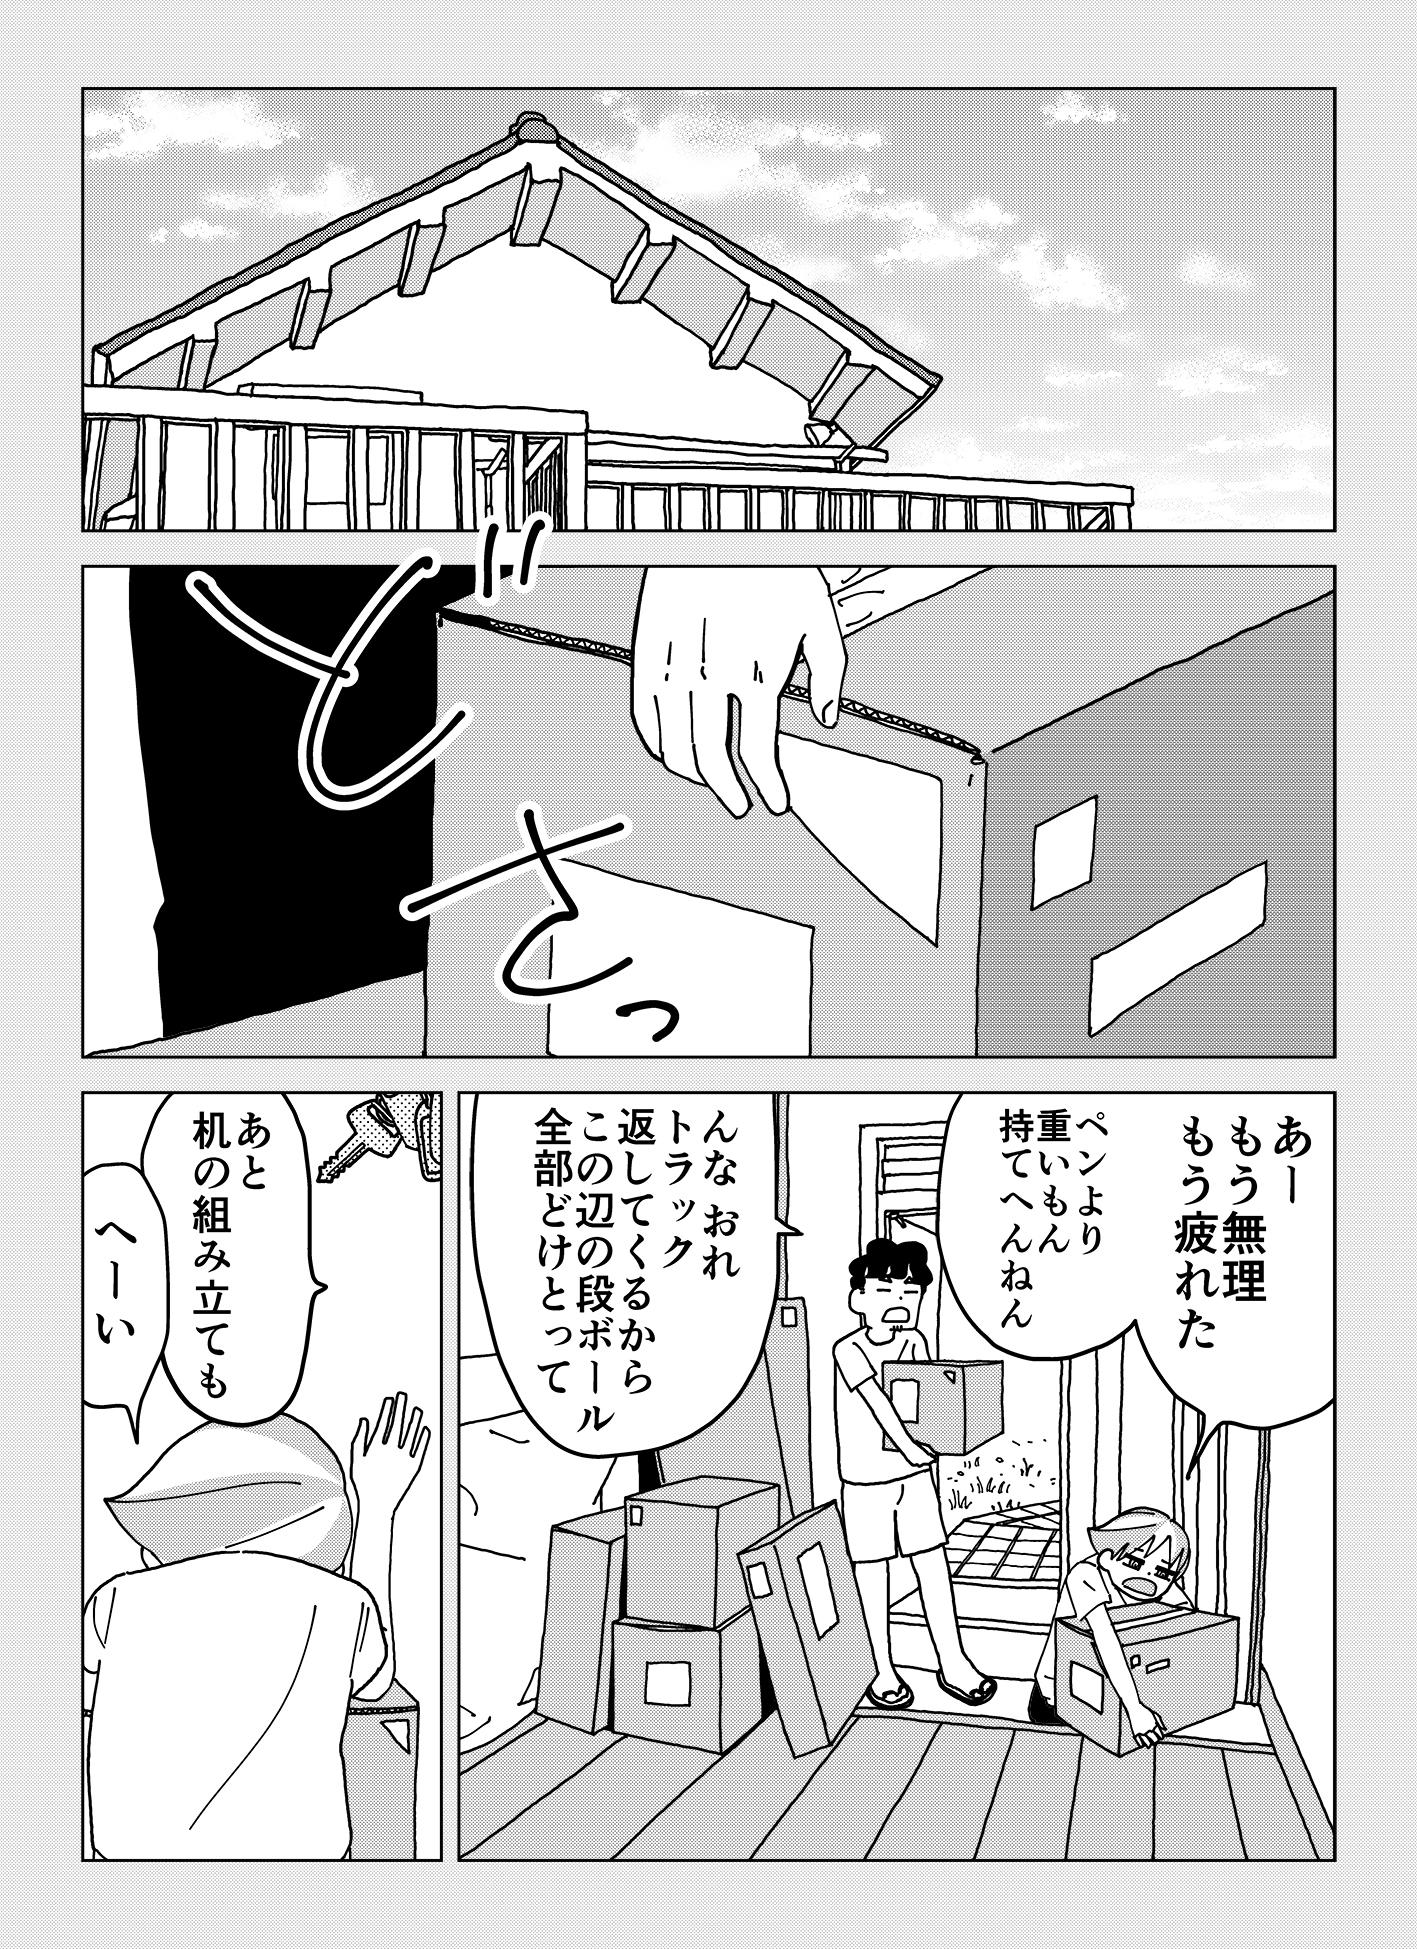 share_b_003